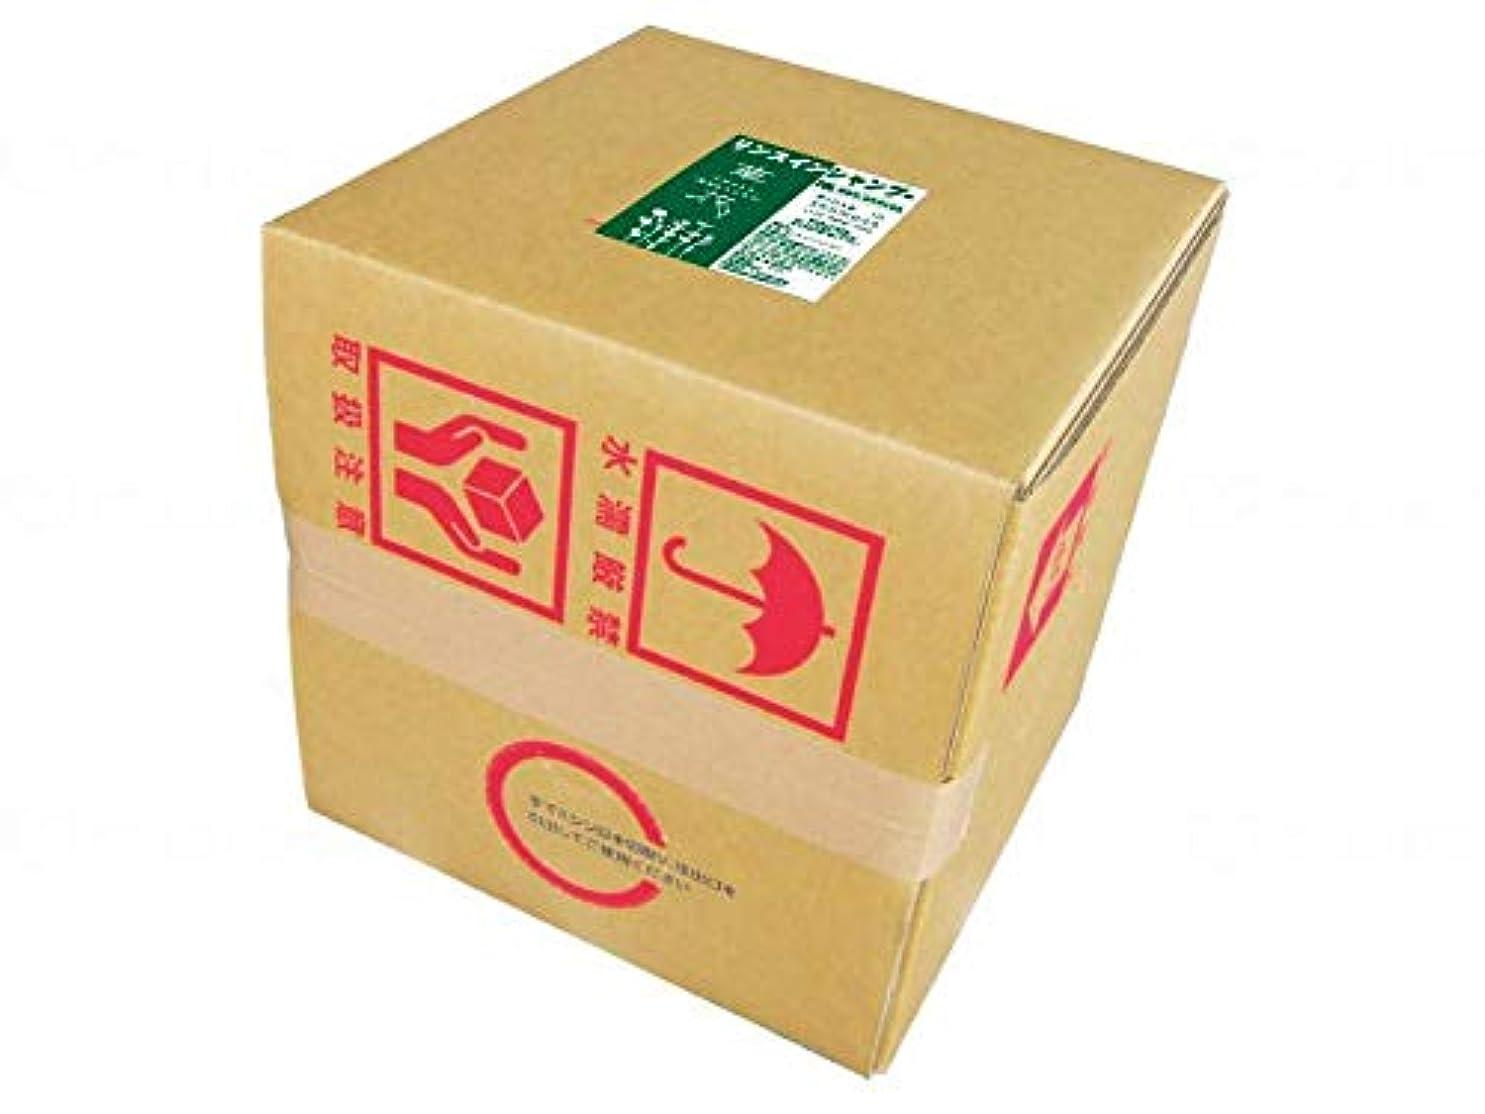 みぞれ不純雪クサノハ化粧品 ボディソープ 凛 5リットル 4箱セット